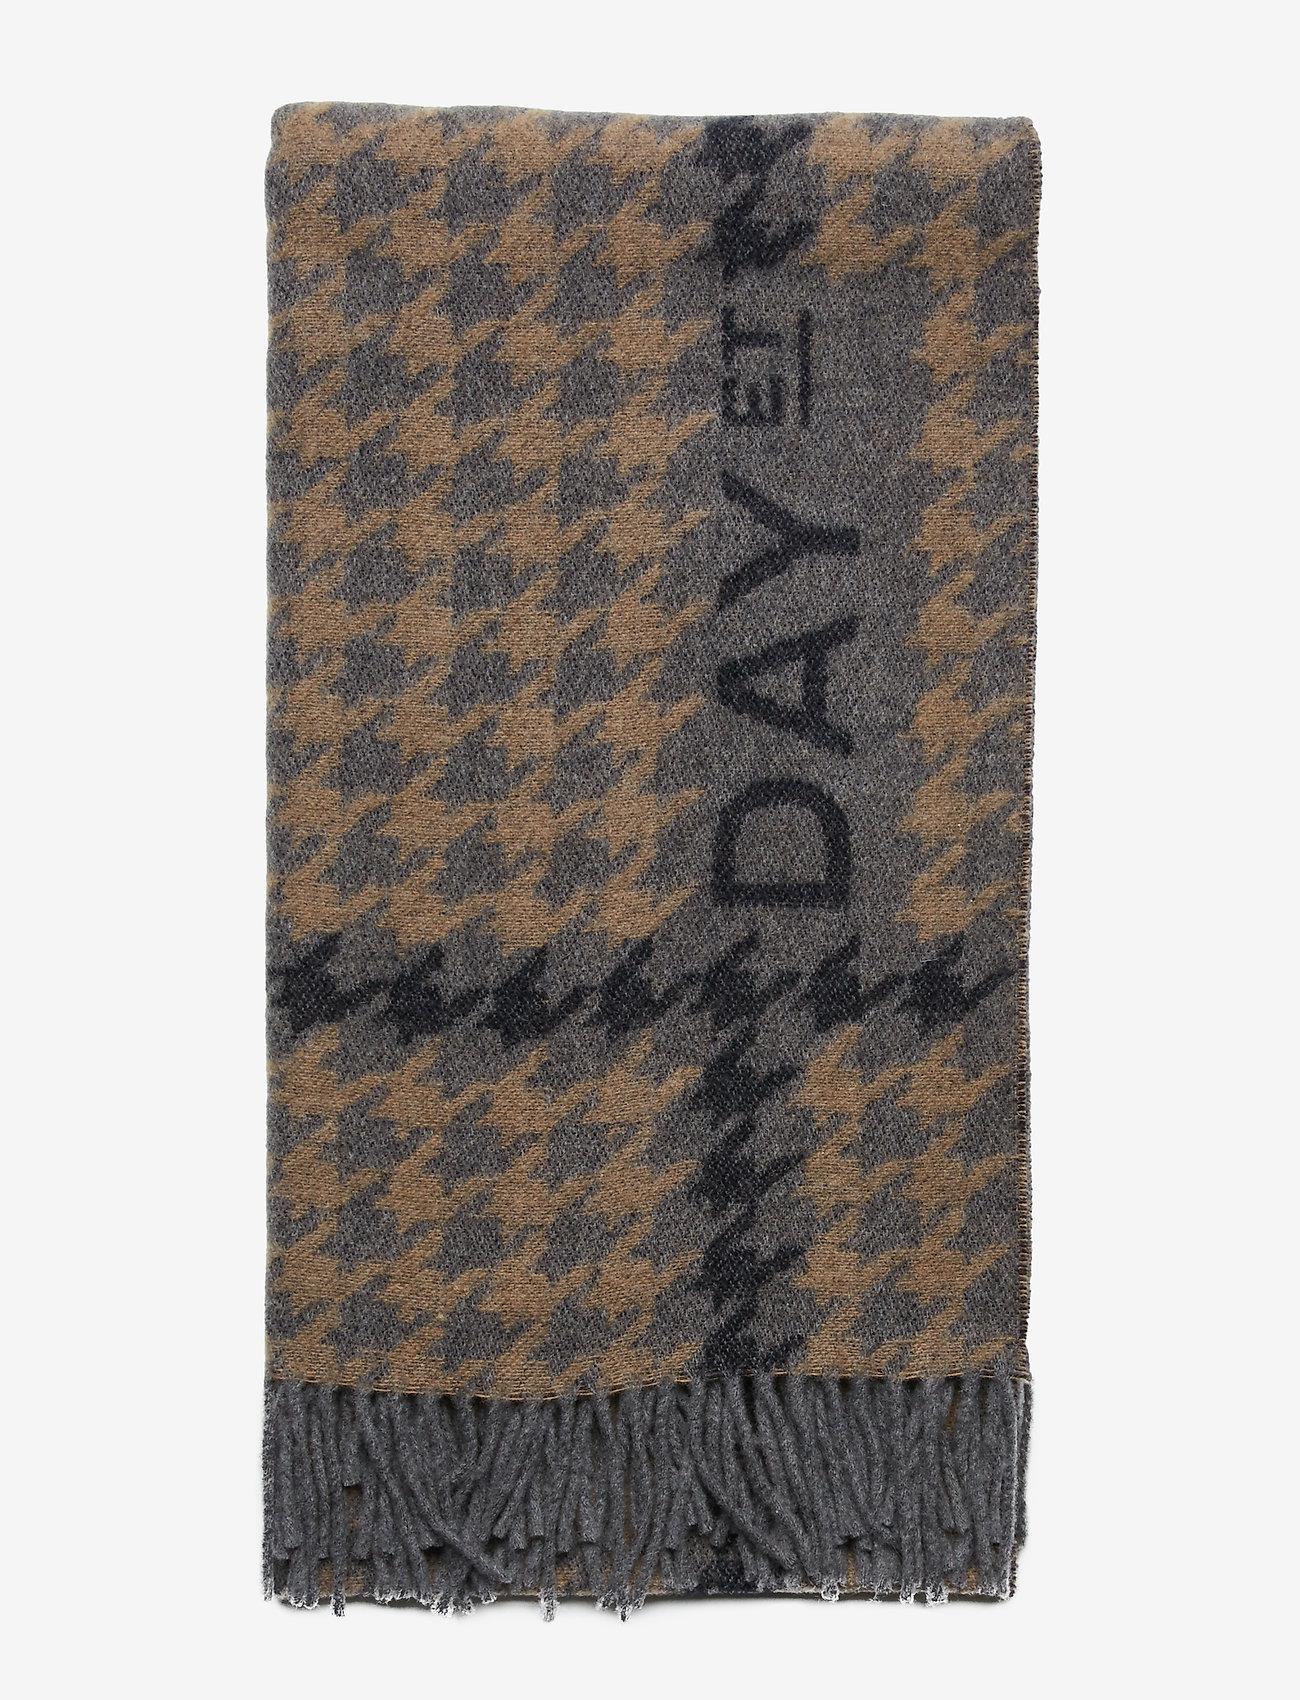 Day Slender Hound (Sand) (77 €) - DAY et wToZp